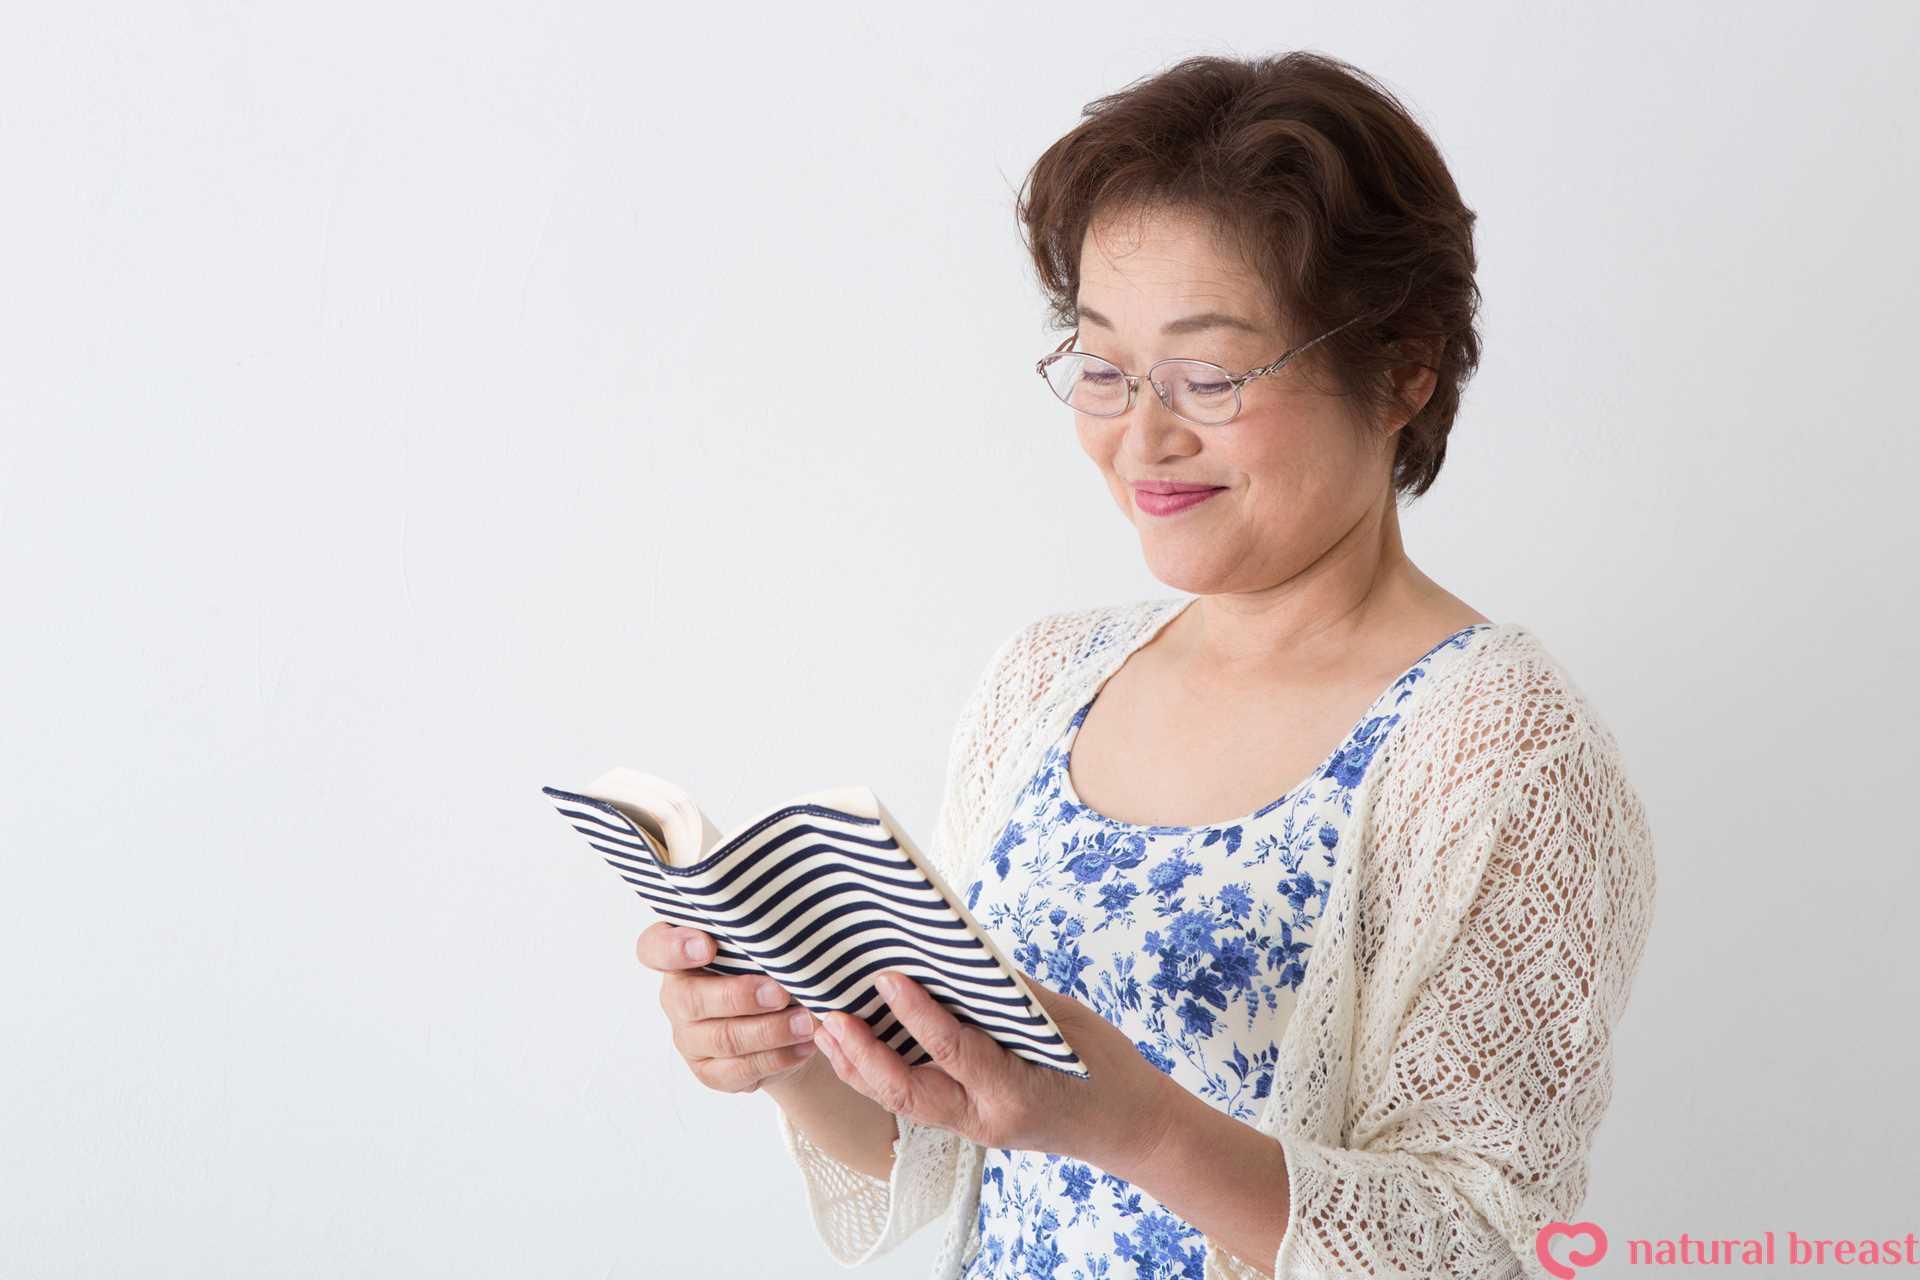 再建手術をした人も多かったのですが私は装着タイプの人工乳房を選んでよかったです。